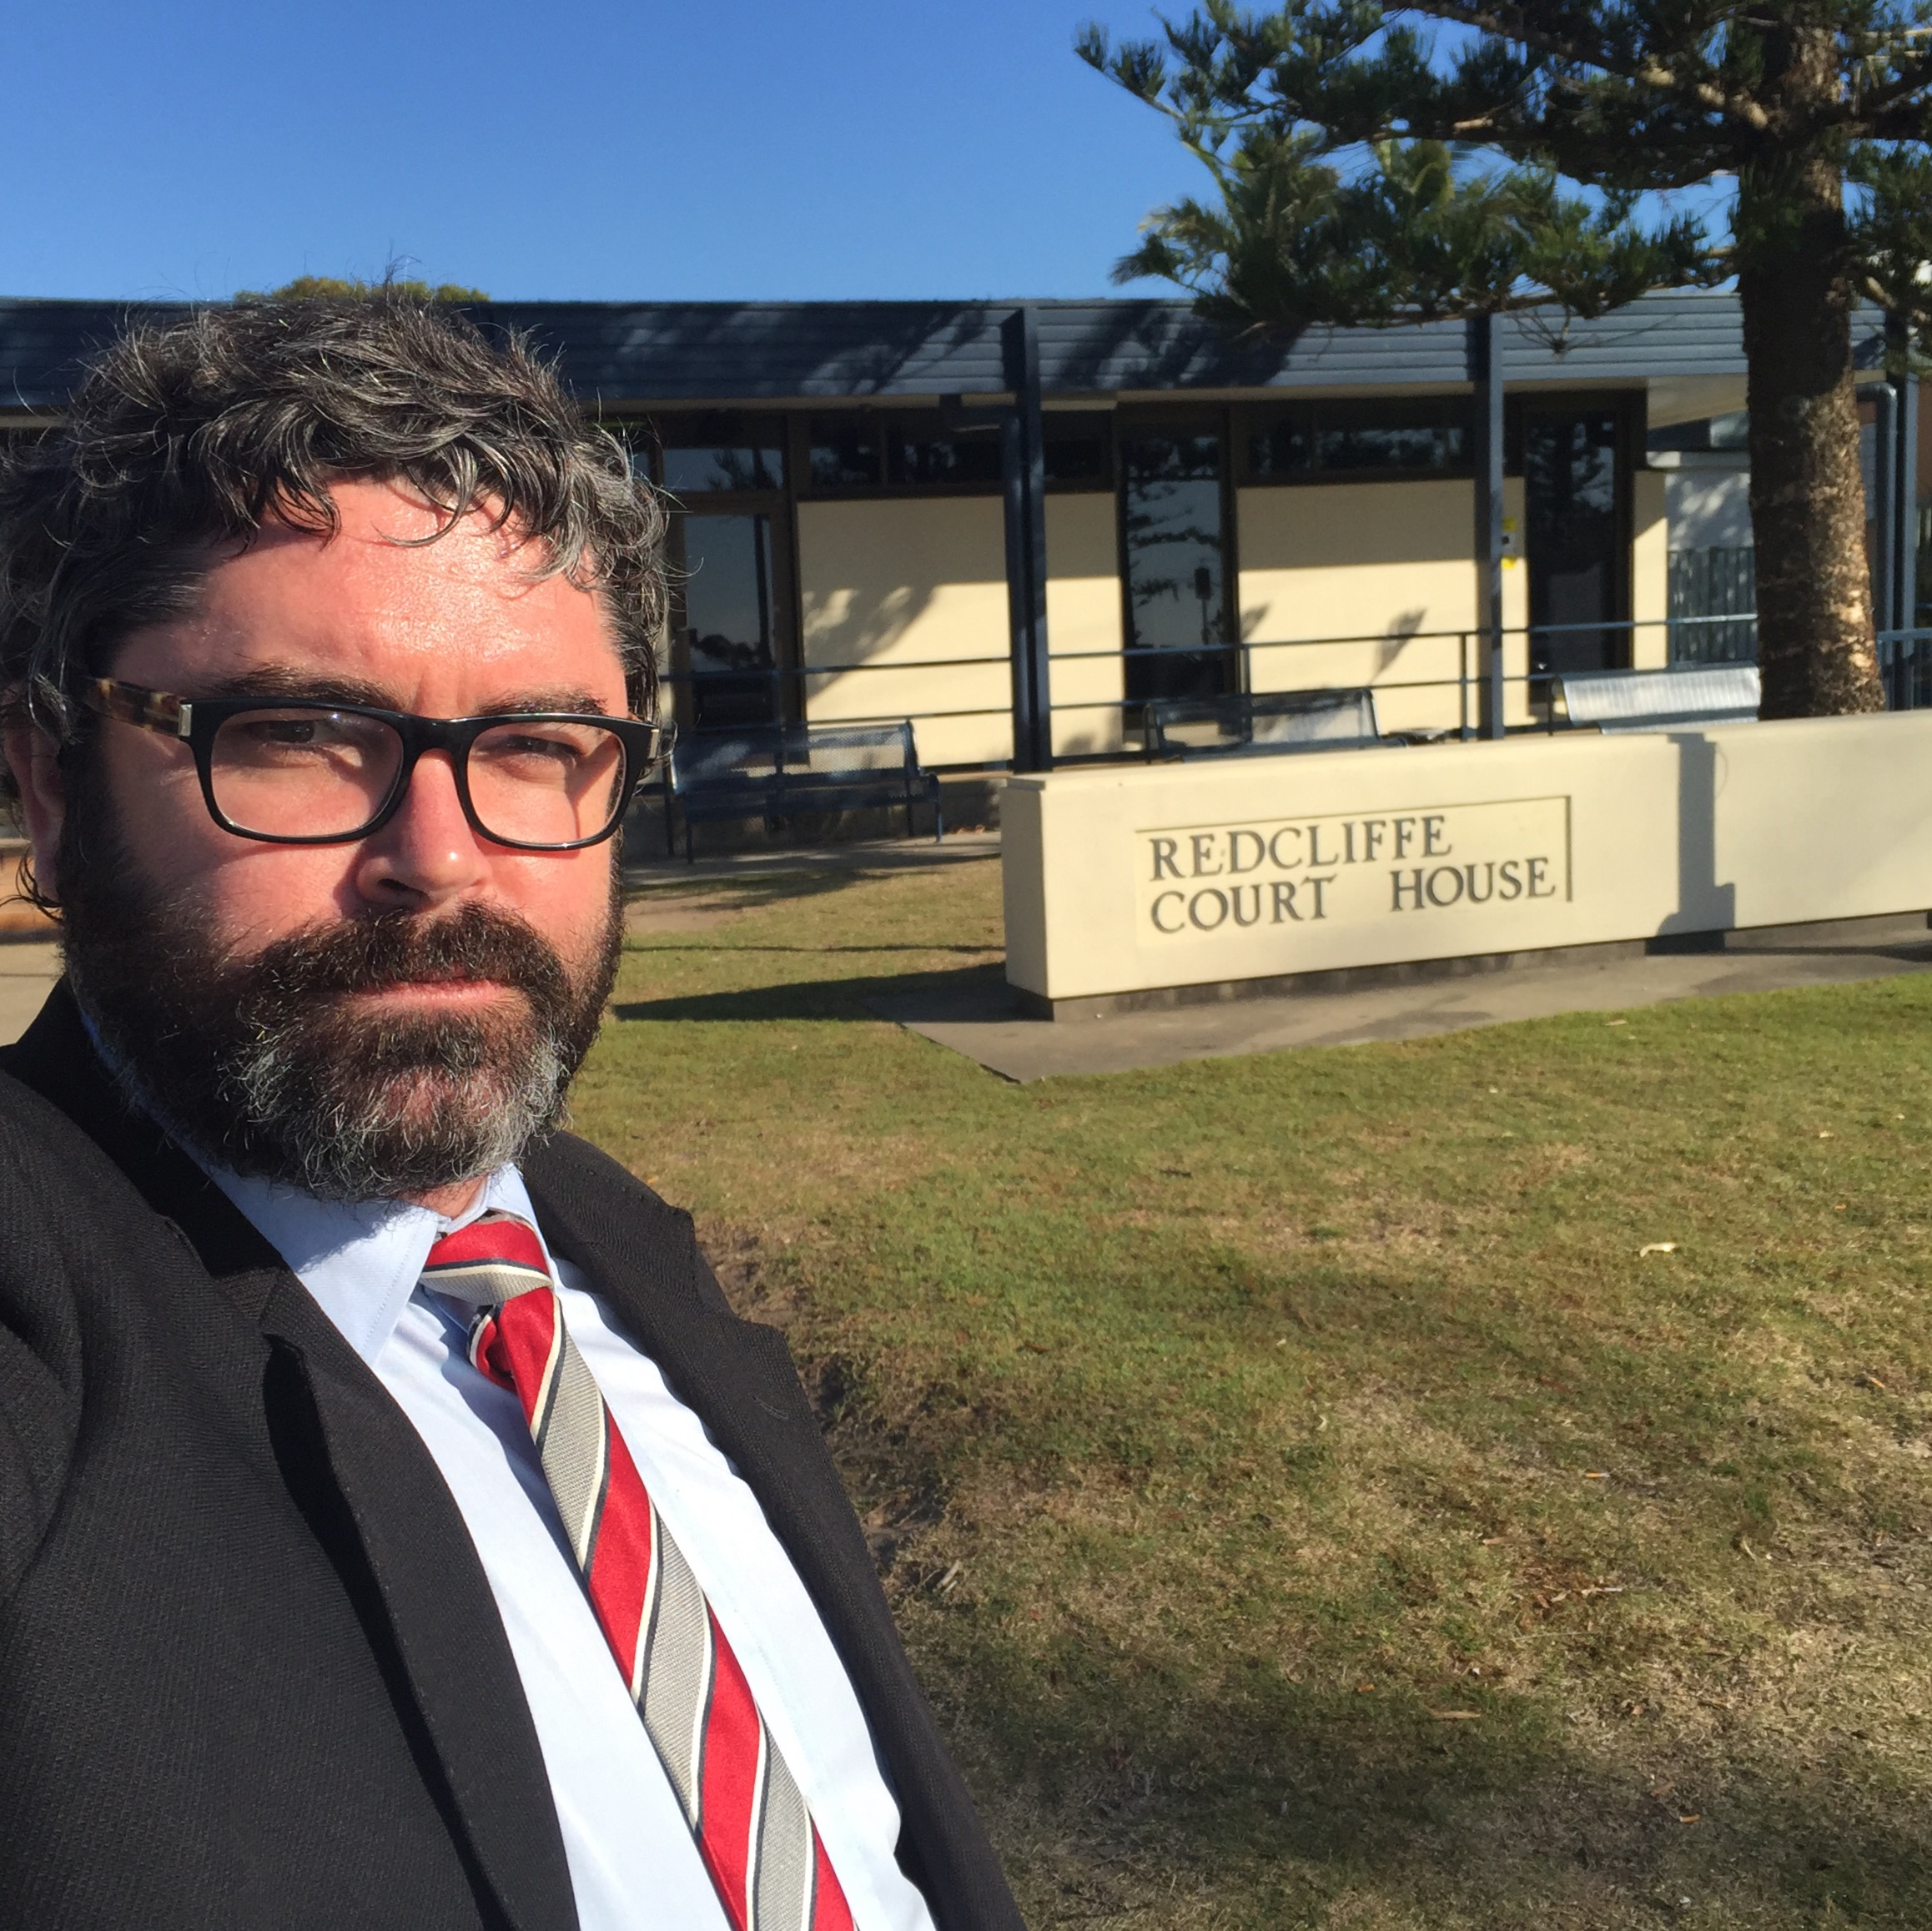 Brisbane DUI Drink Driving Drug Driving Lawyer